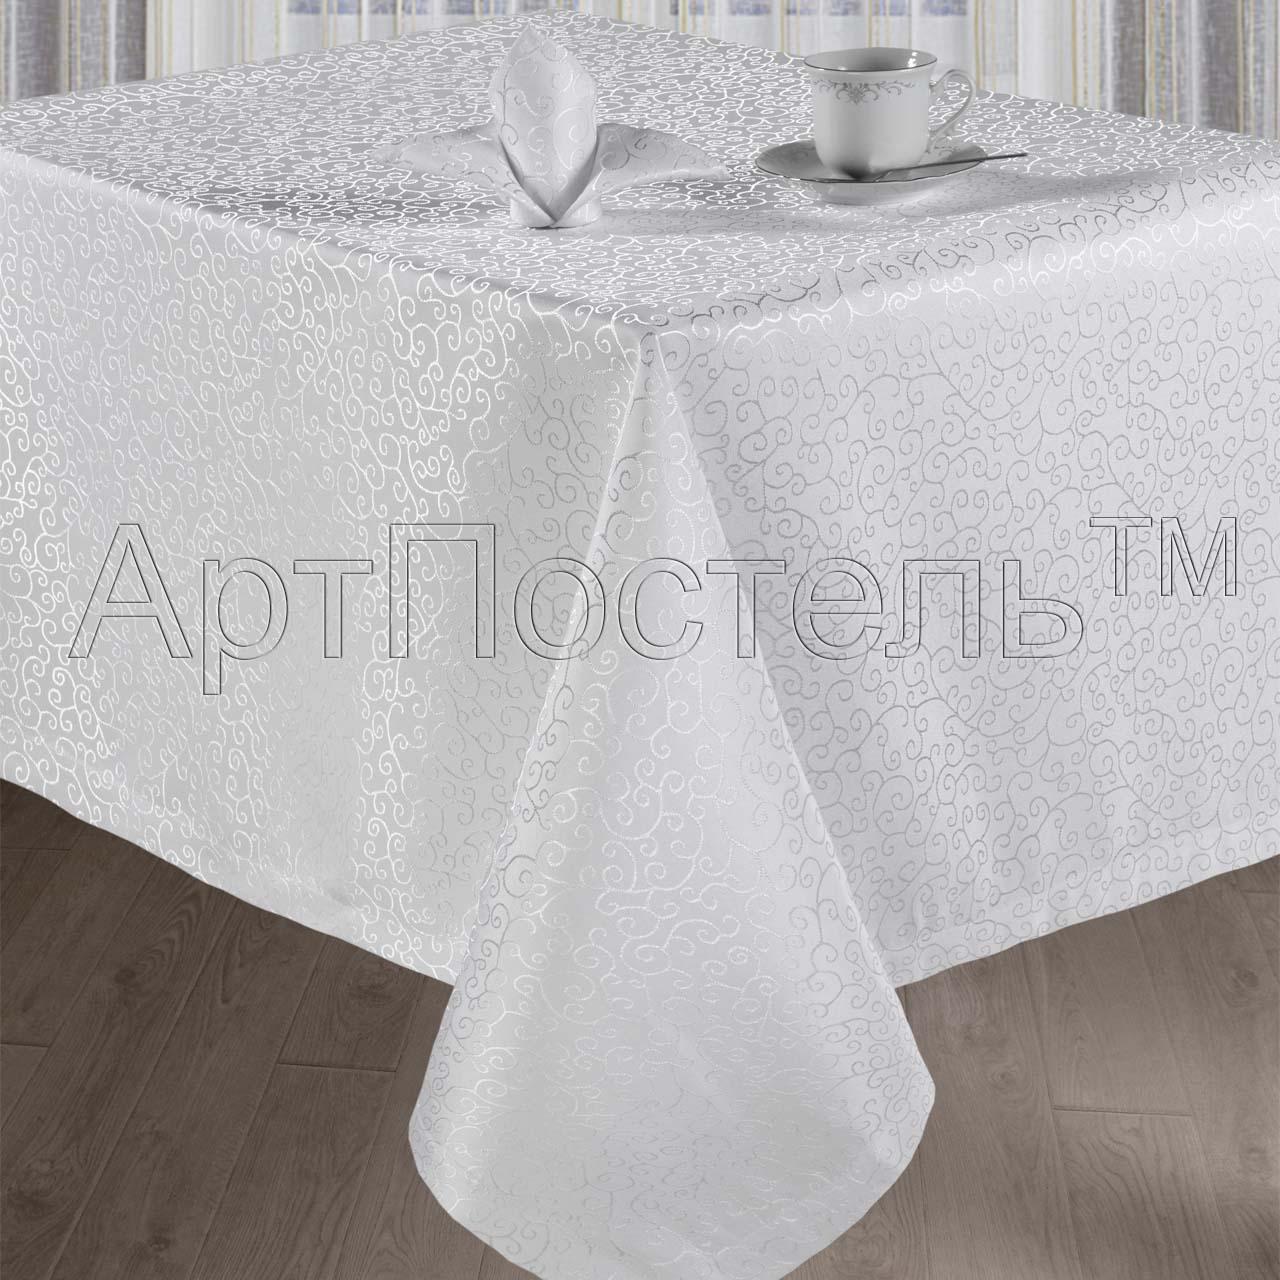 Кухонные принадлежности Анетта Белый р. 150х150Скатерти<br>Скатерть: 150х150 см - 1 шт. <br>Салфетка: 35х35 см - 6 шт.<br><br>Тип: Кухонные принадлежности<br>Размер: 150х150<br>Материал: Жаккард